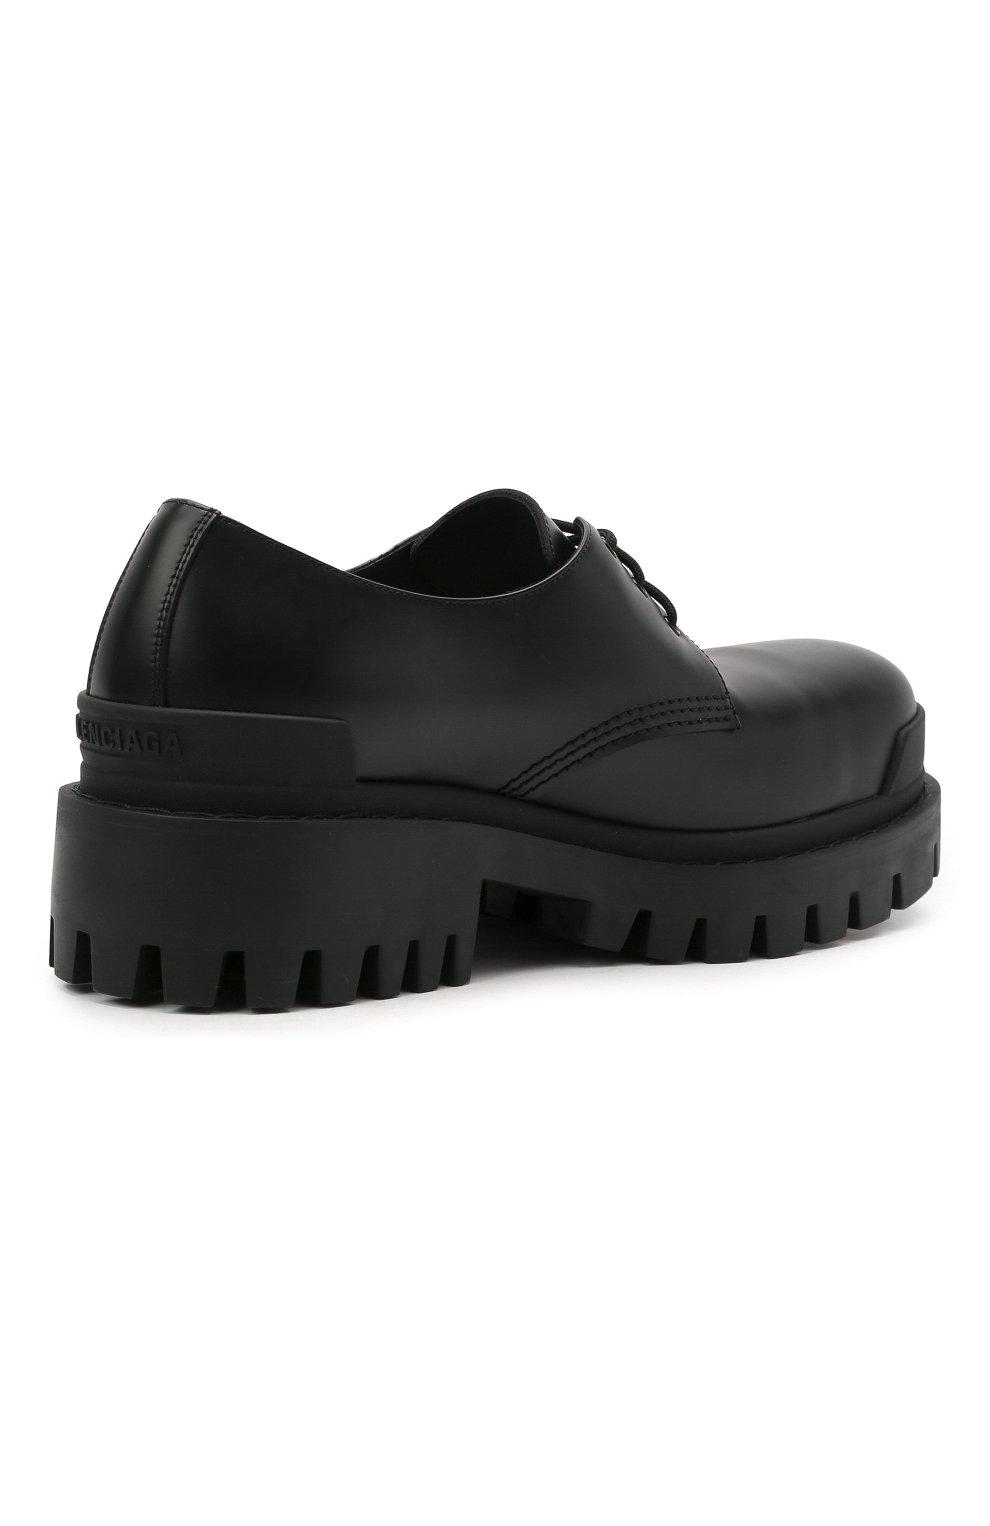 Мужские кожаные ботинки strike BALENCIAGA черного цвета, арт. 600600/WA960 | Фото 4 (Каблук высота: Высокий; Мужское Кросс-КТ: Ботинки-обувь; Материал внутренний: Натуральная кожа; Подошва: Массивная)